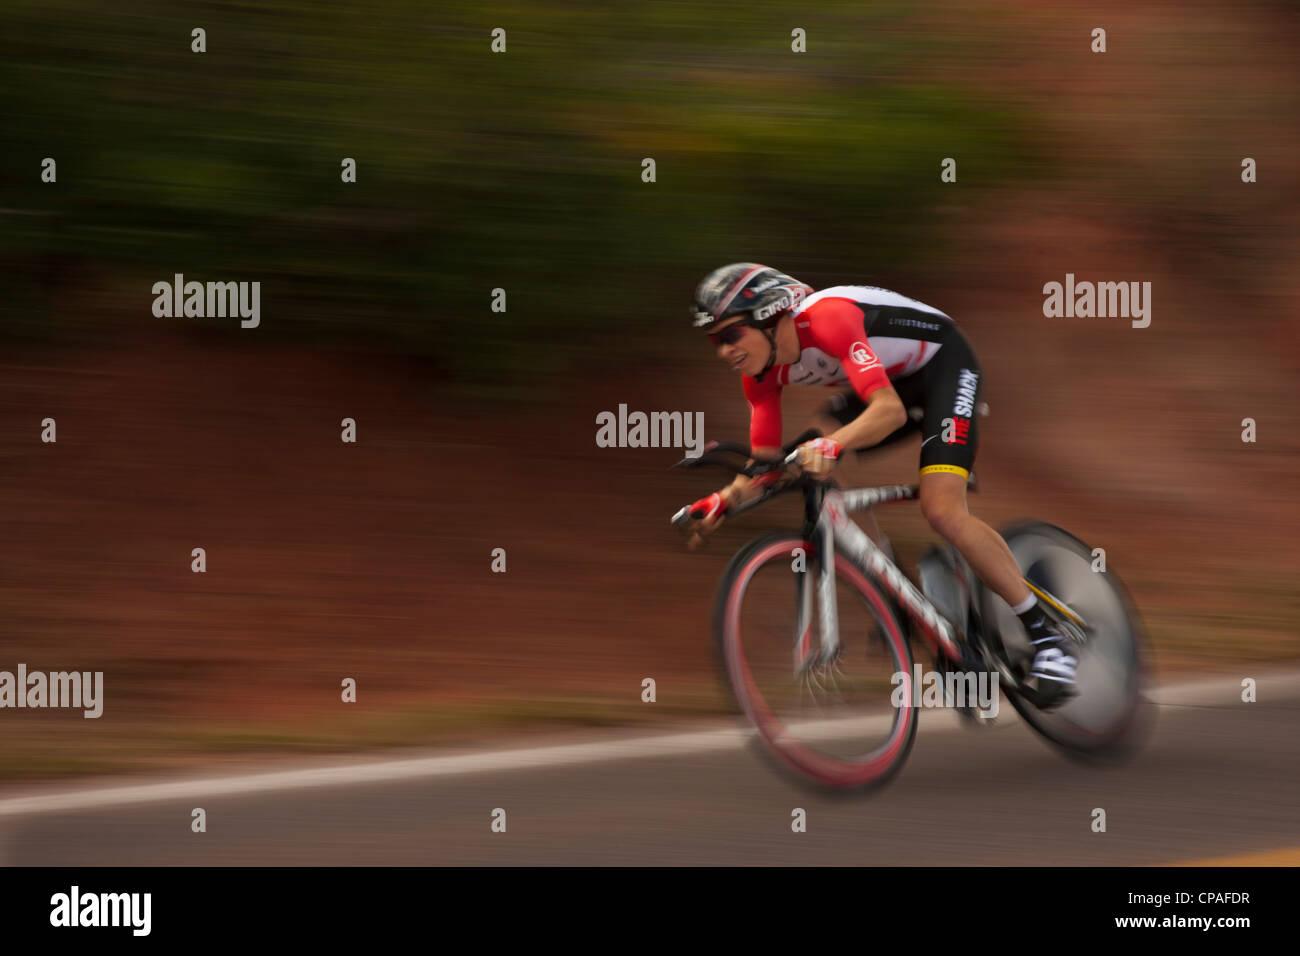 USA, Colorado, Colorado Springs, Garden of the Gods. Benjamin King,Team Radio Shack in the 2011 USA Pro Cycling - Stock Image